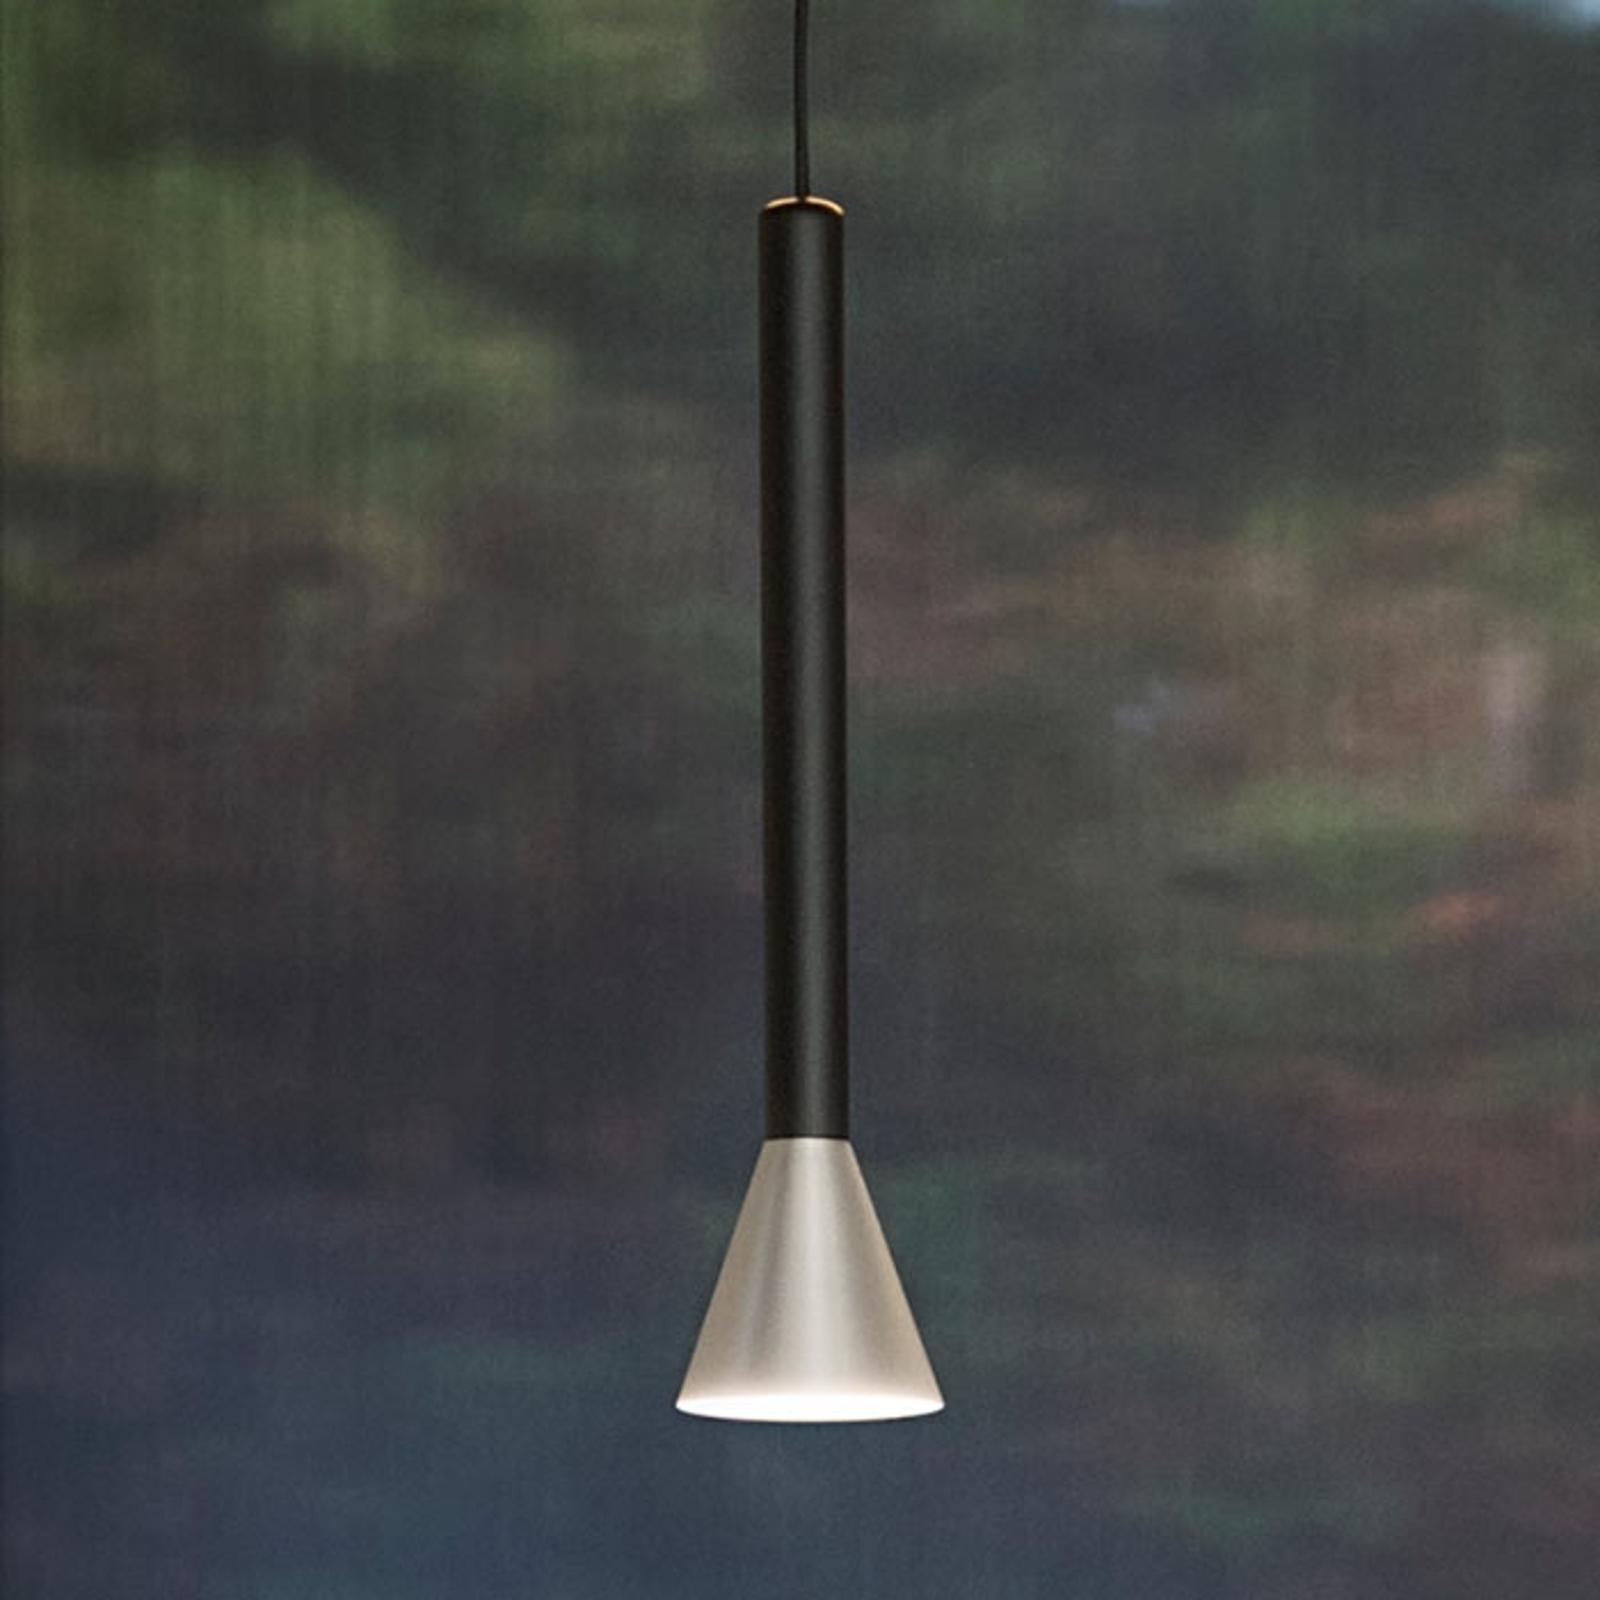 LED-Hängeleuchte Danka mit 60° Abstrahlwinkel